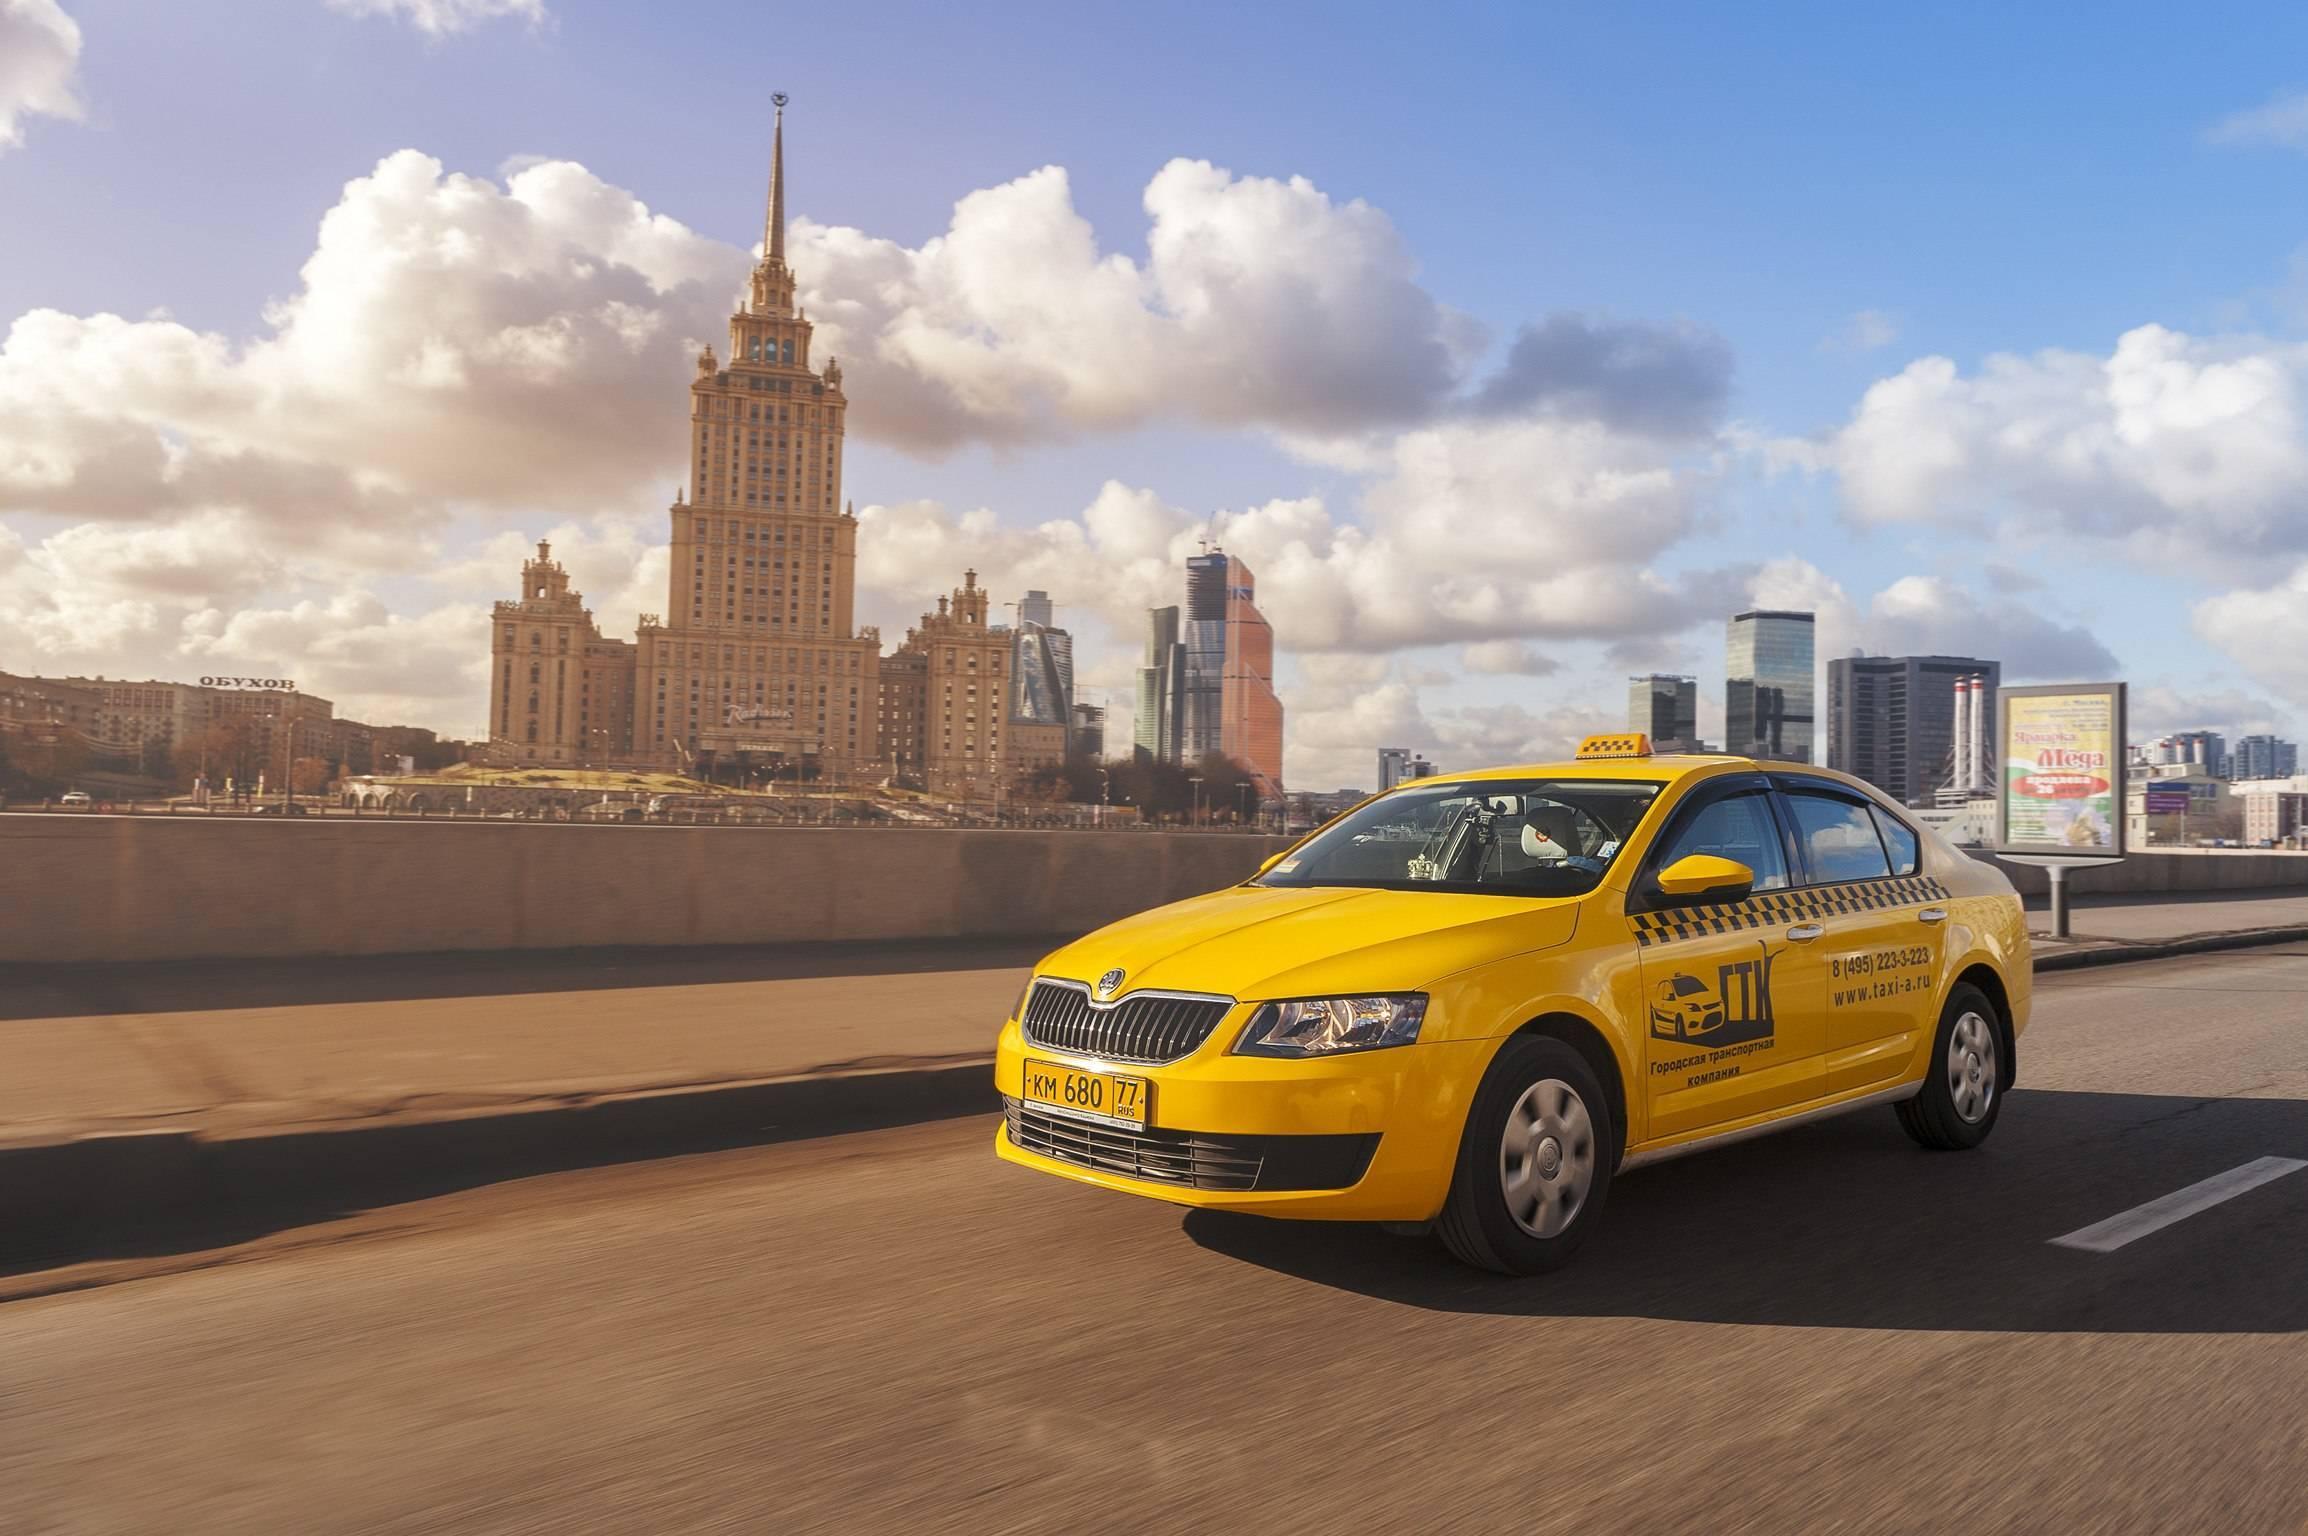 Сколько зарабатывают таксисты в Москве на своем авто (реальные отзывы)